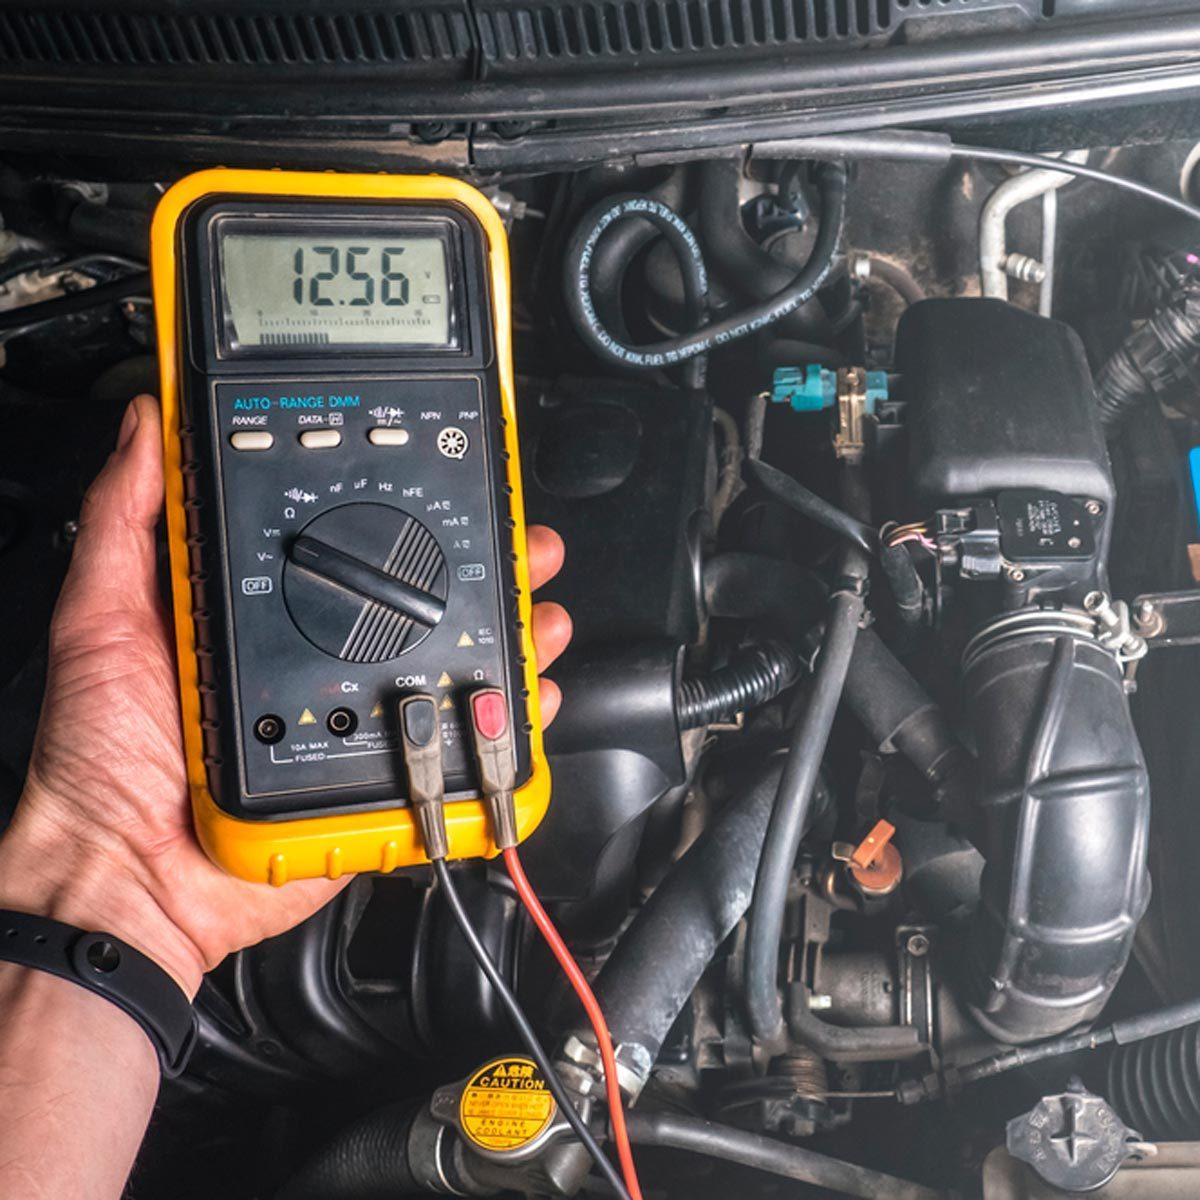 10 Car Diagnostic Tools for DIYers